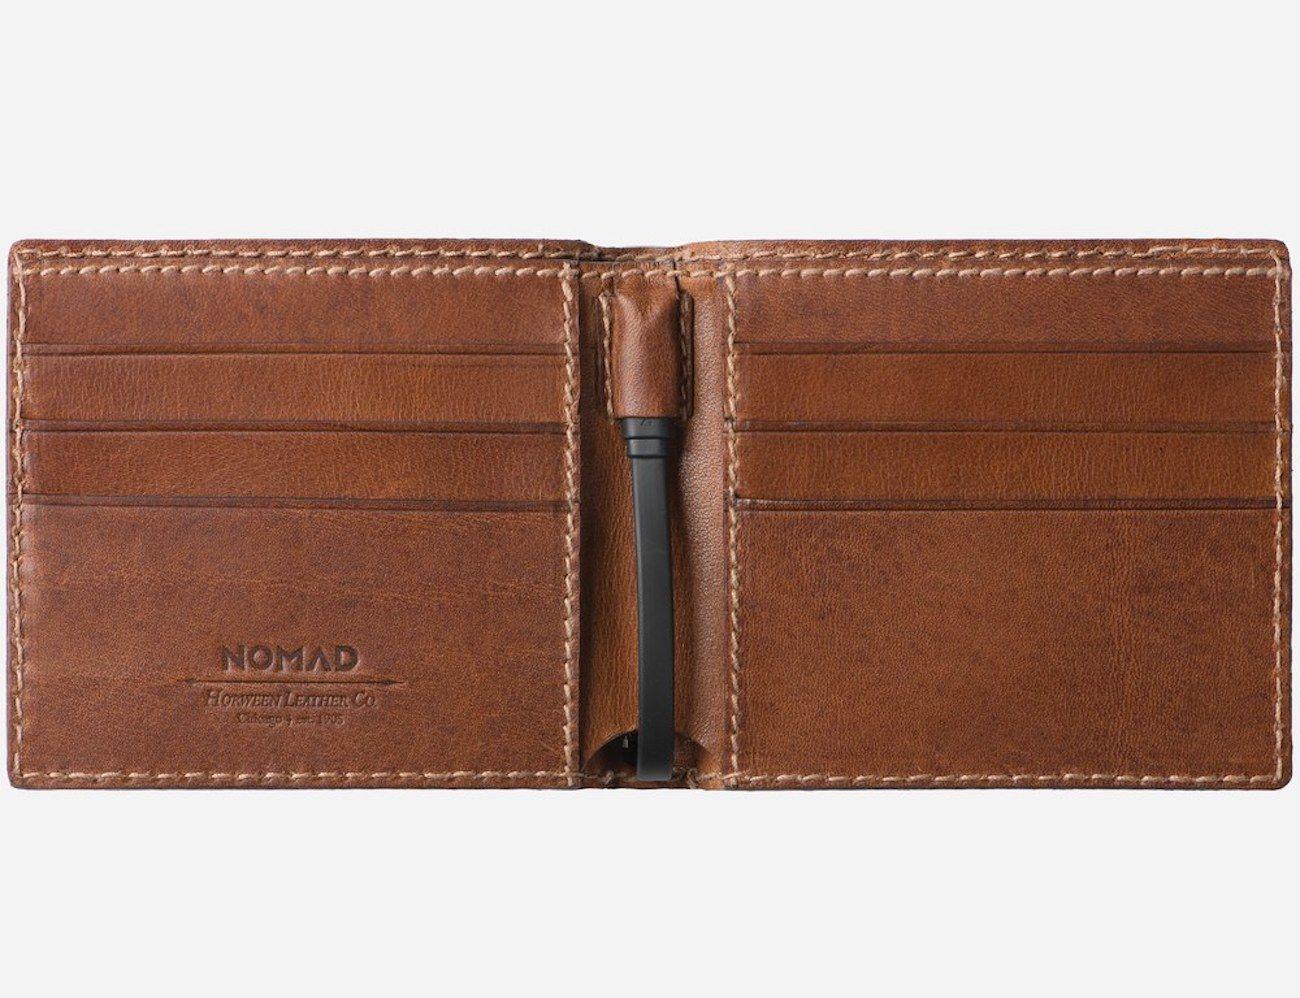 Nomad Bi-Fold Leather Charging Wallet